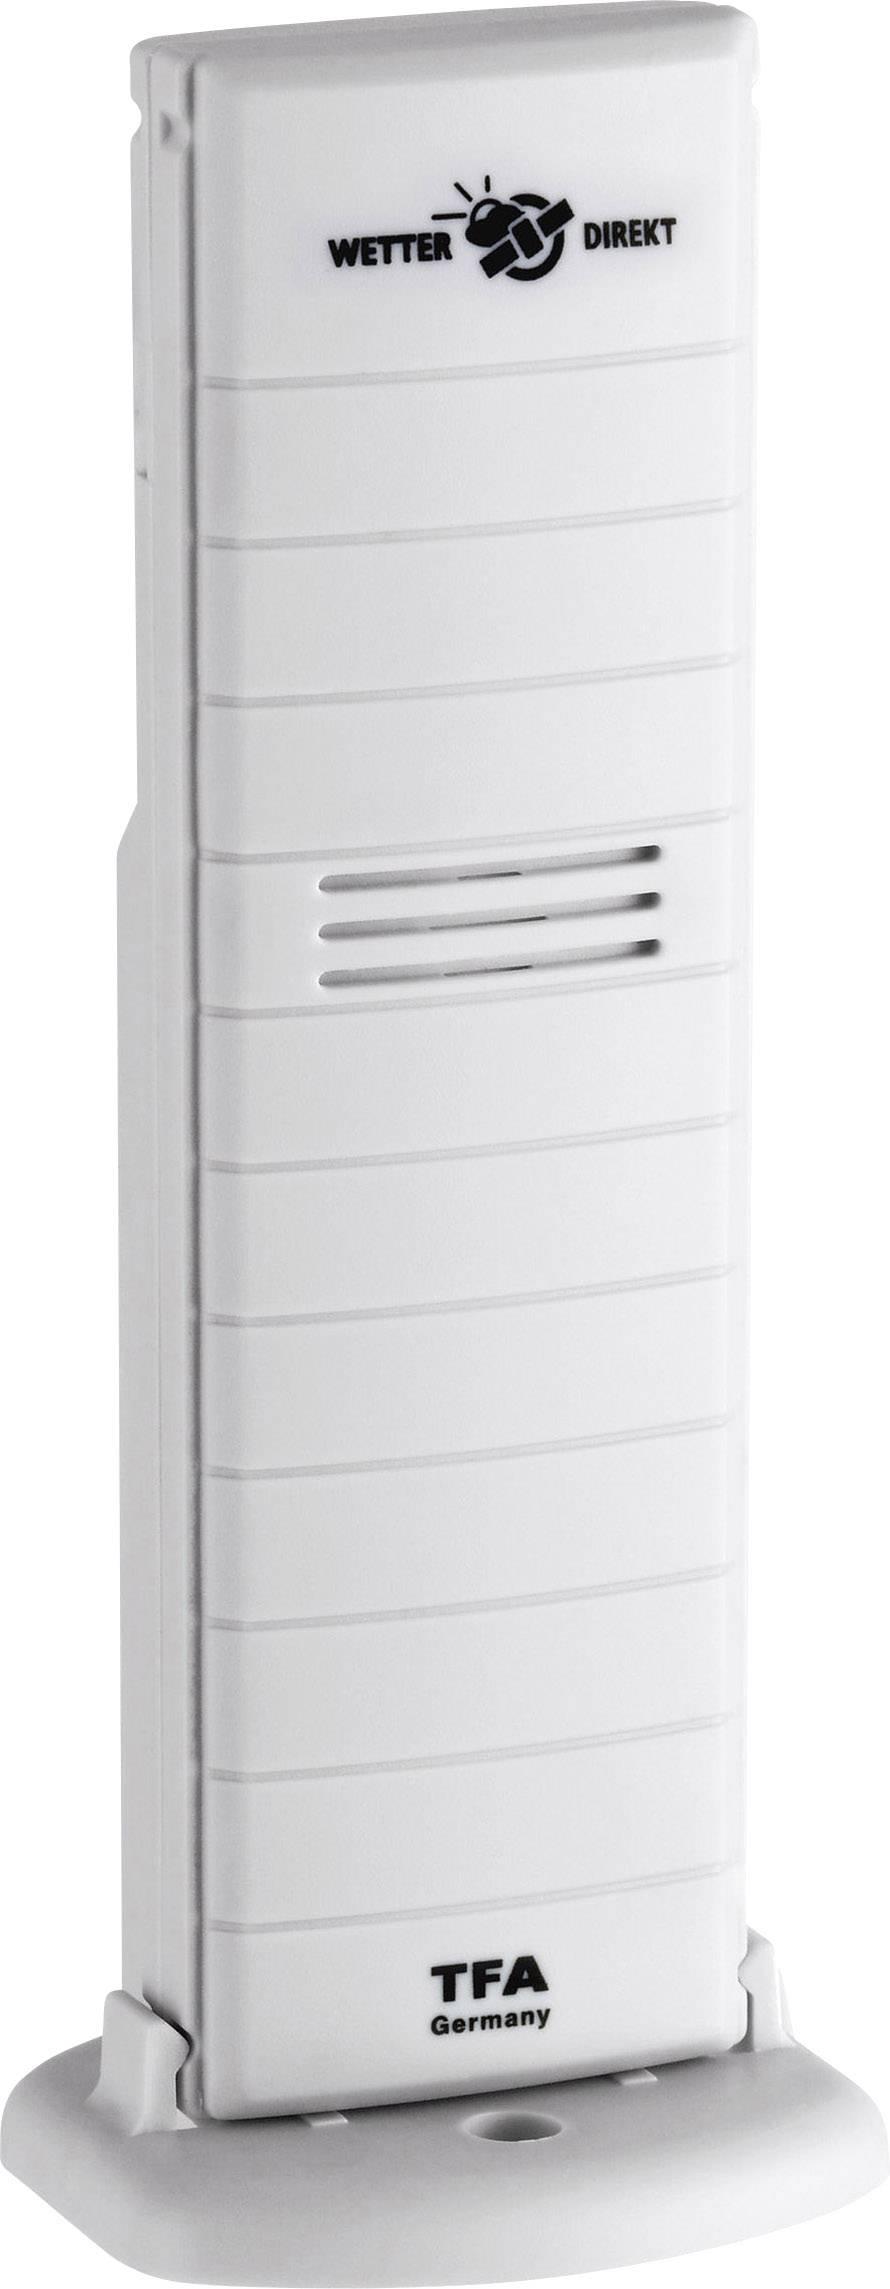 Náhradný senzor TFA 30.3156